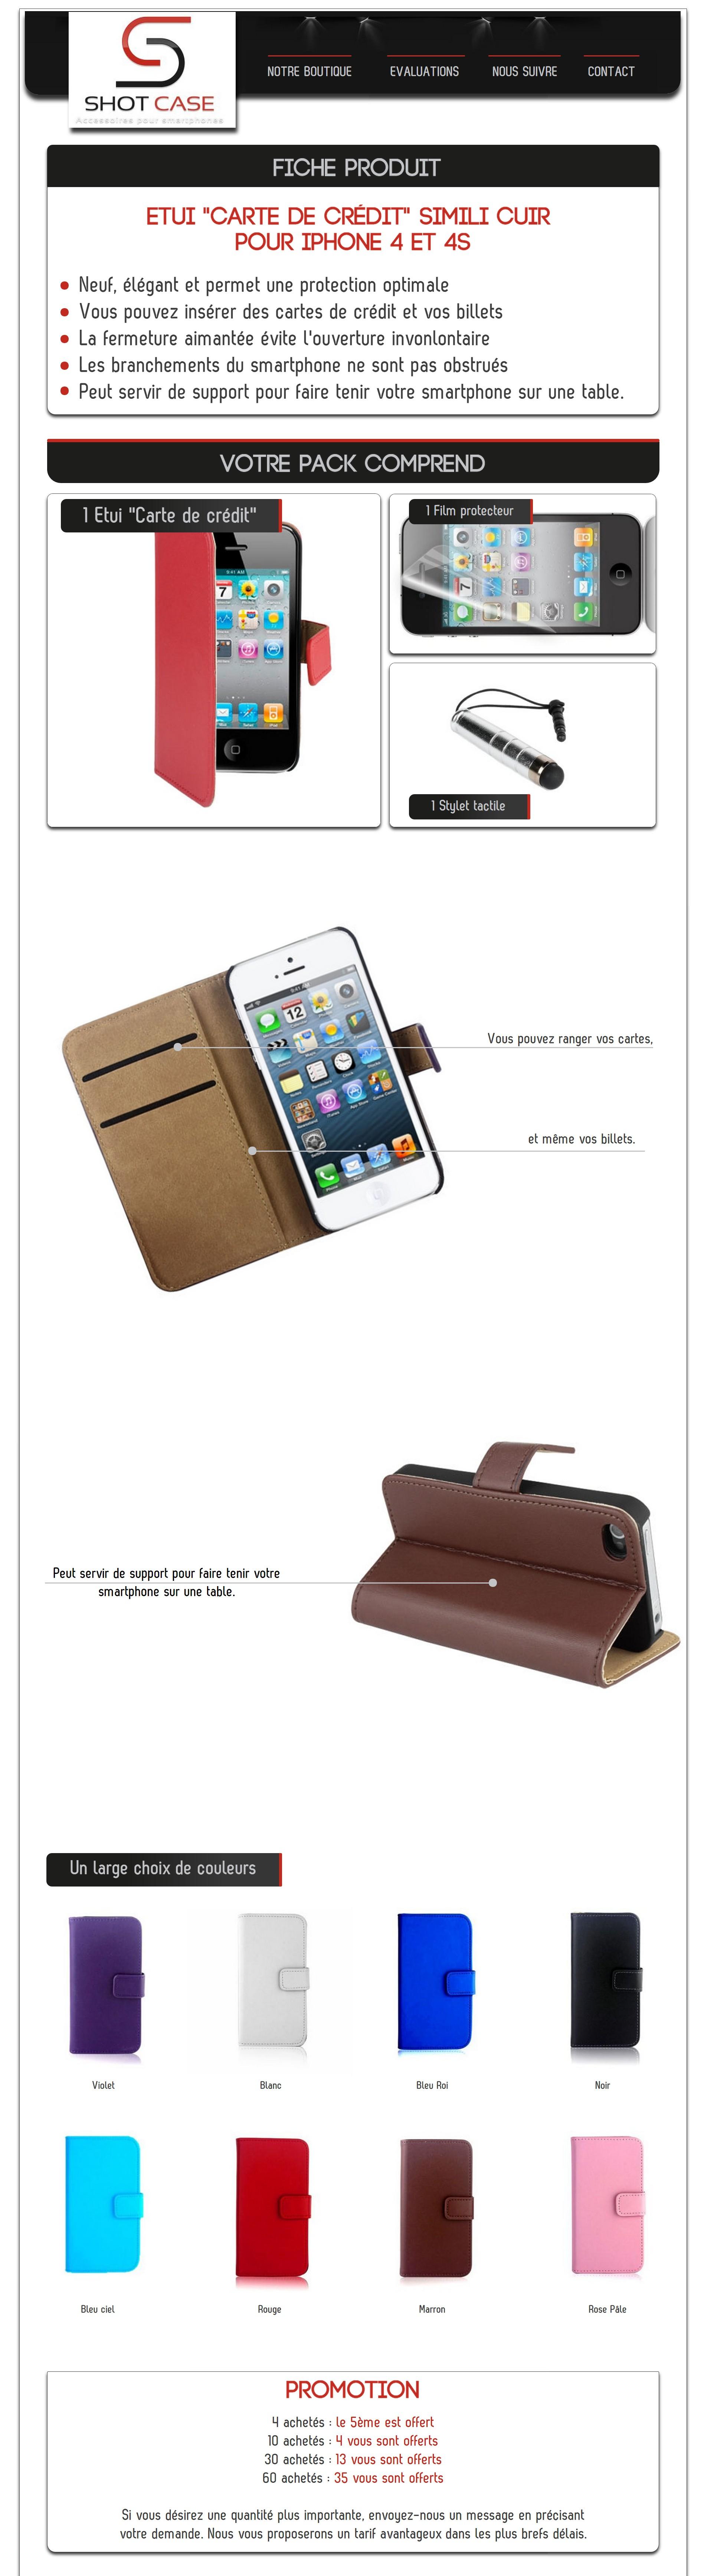 Etui porte feuille iphone 4 cuir (annonce)